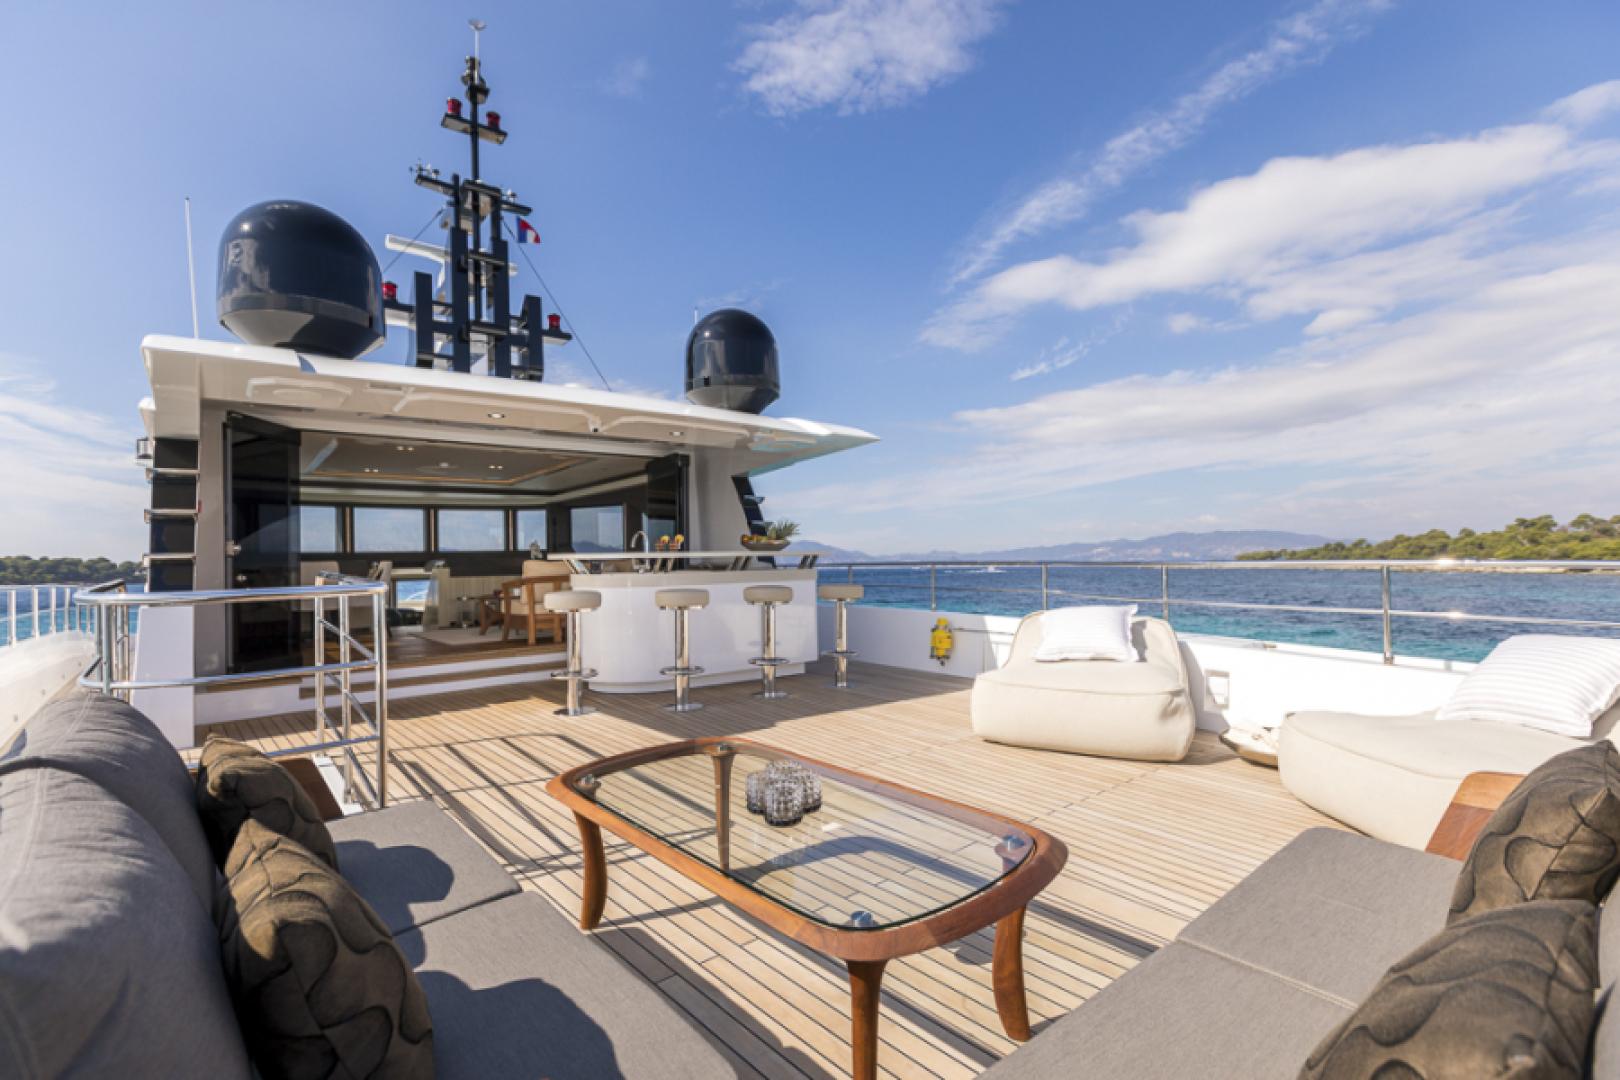 Majesty Yachts-Majesty 100 2022-MAJESTY 100 United Arab Emirates-Flybridge-1604967